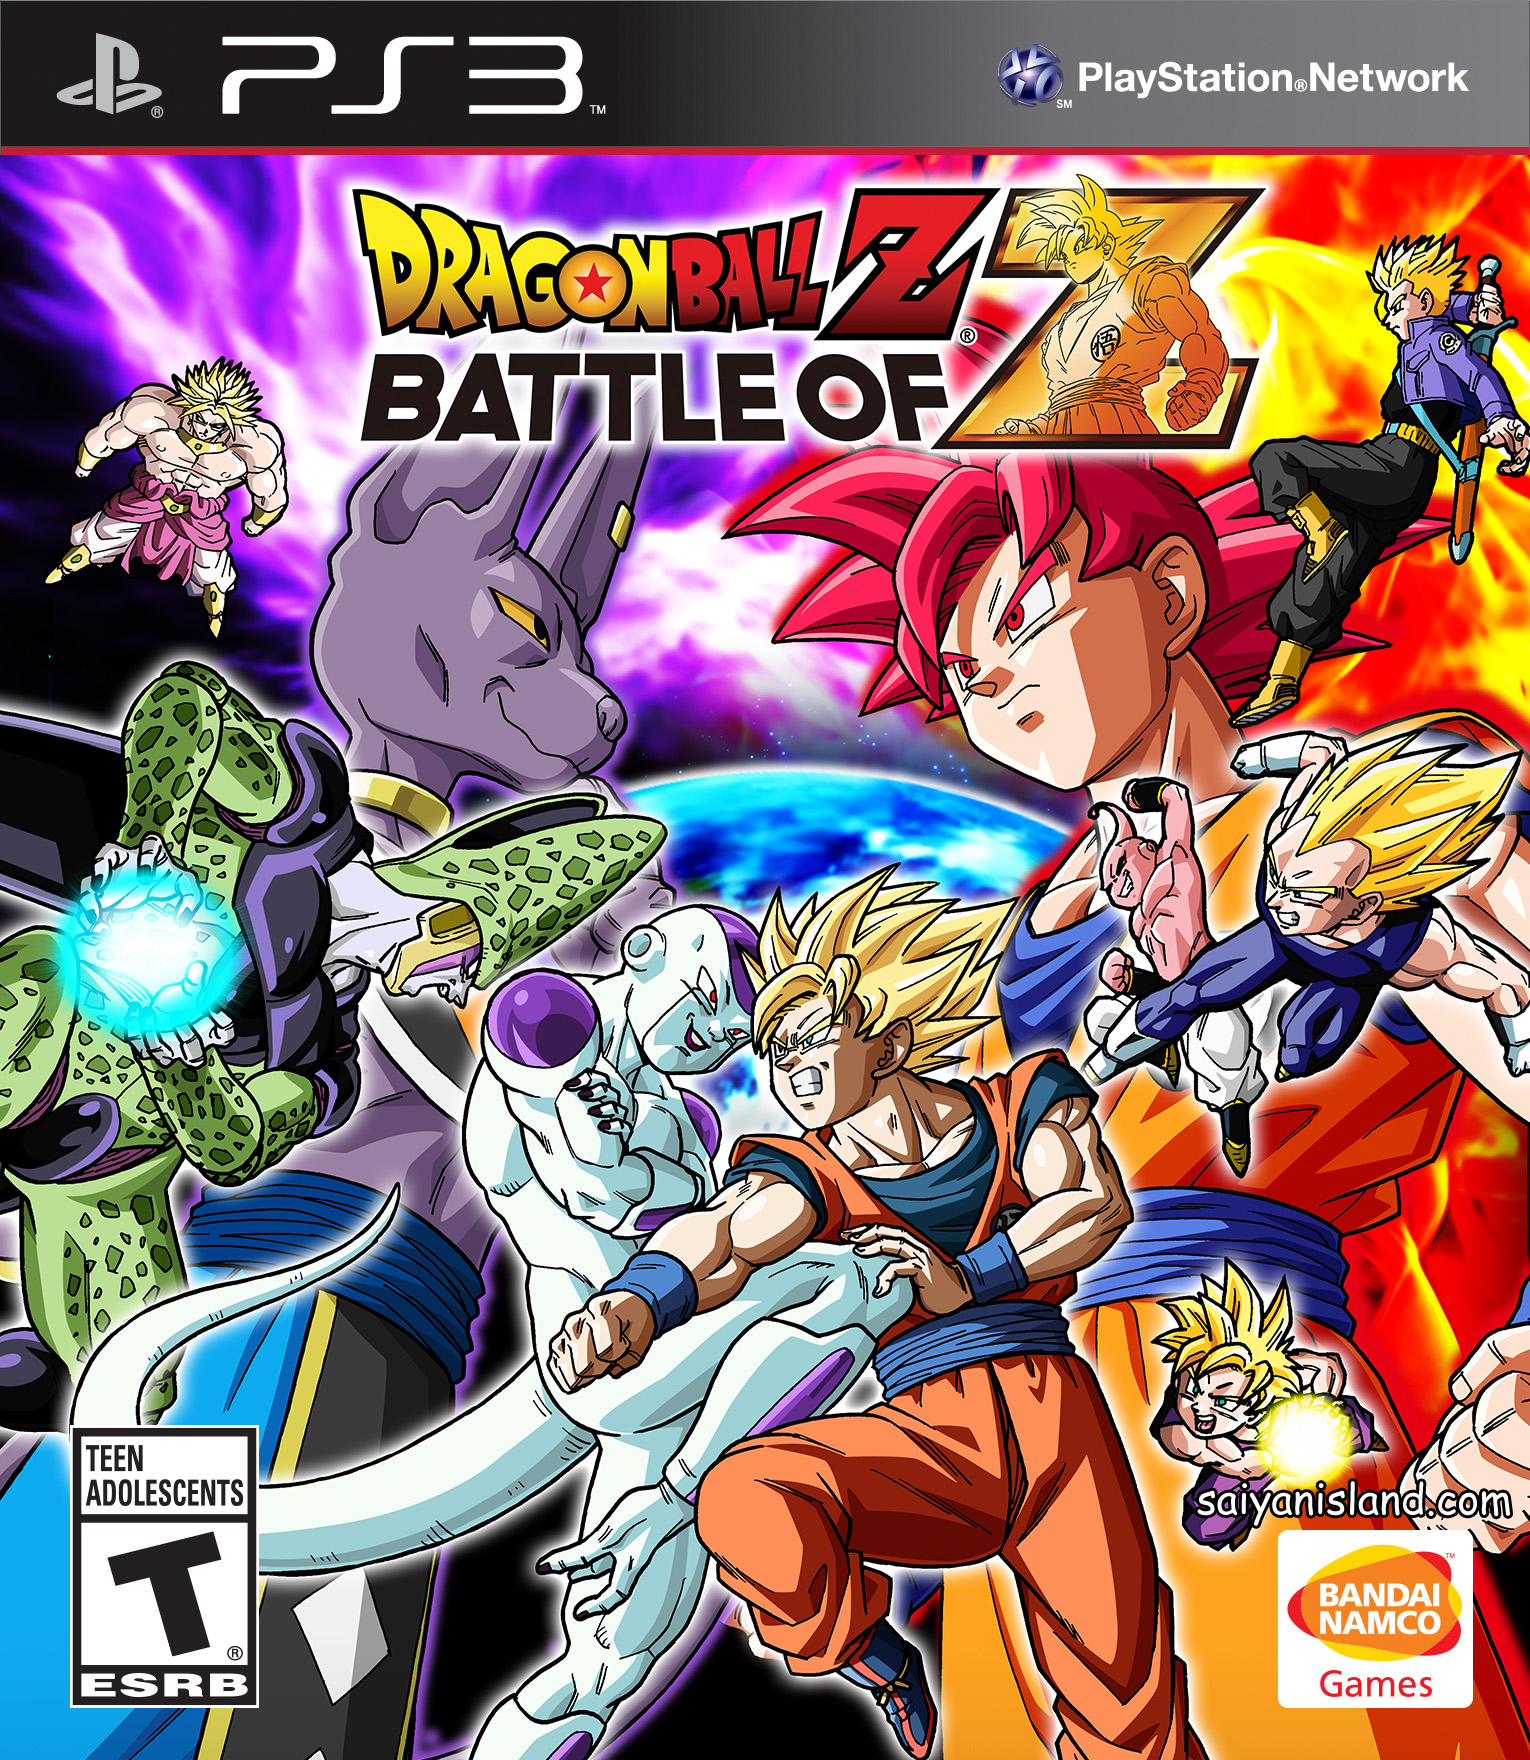 Dragon Ball Z Battle Of Z Dragon Ball Wiki Fandom Powered By Wikia